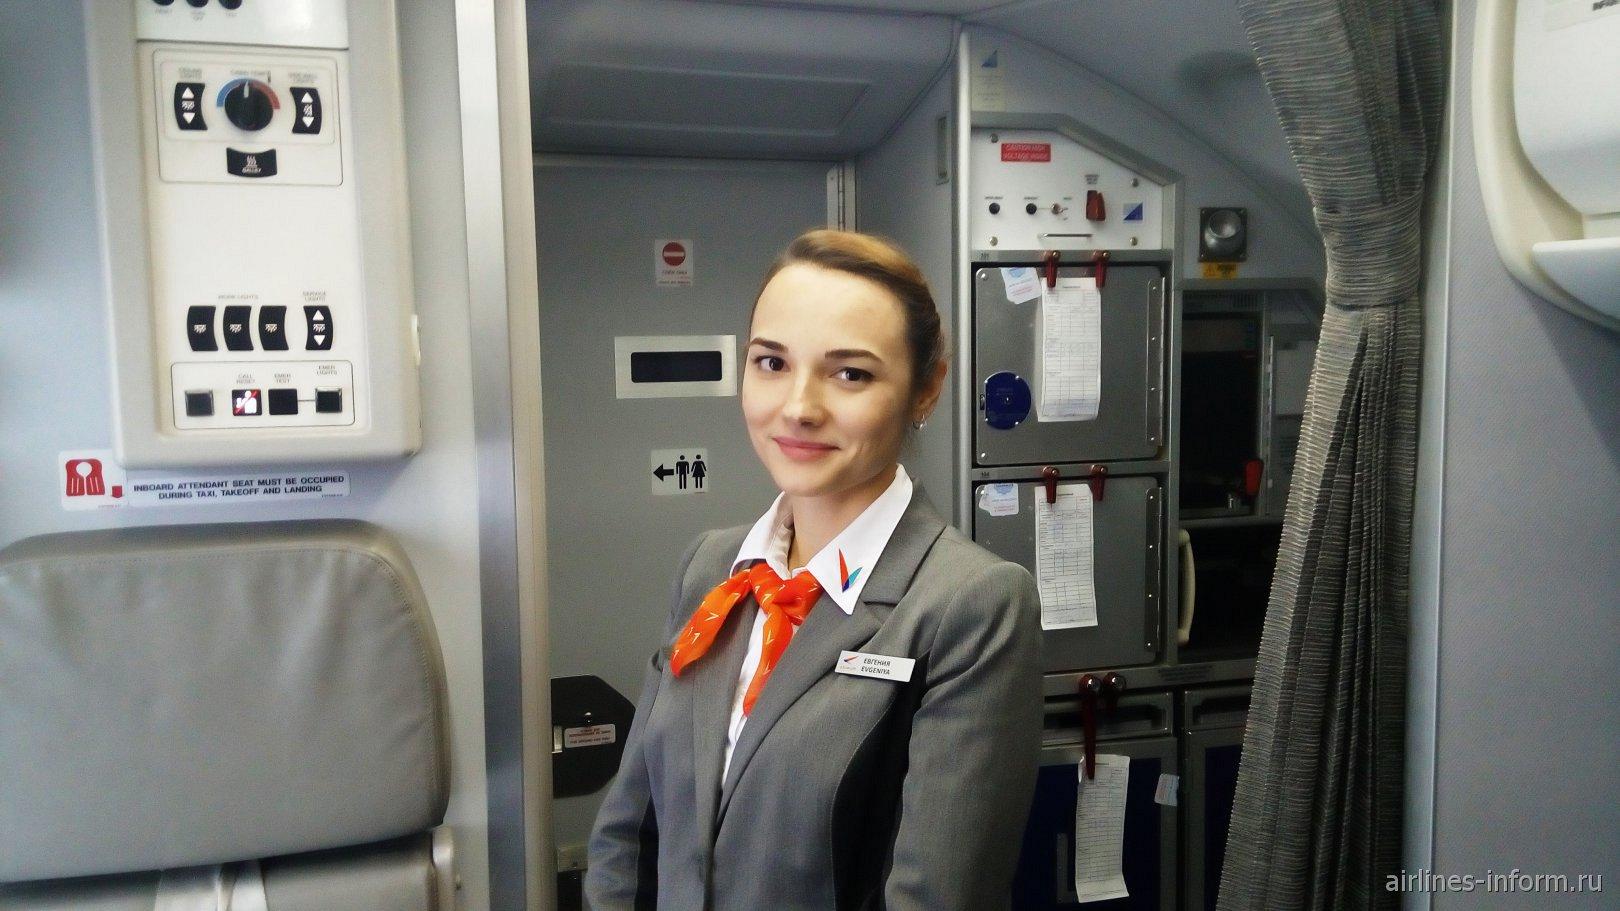 Бортпроводница авиакомпании